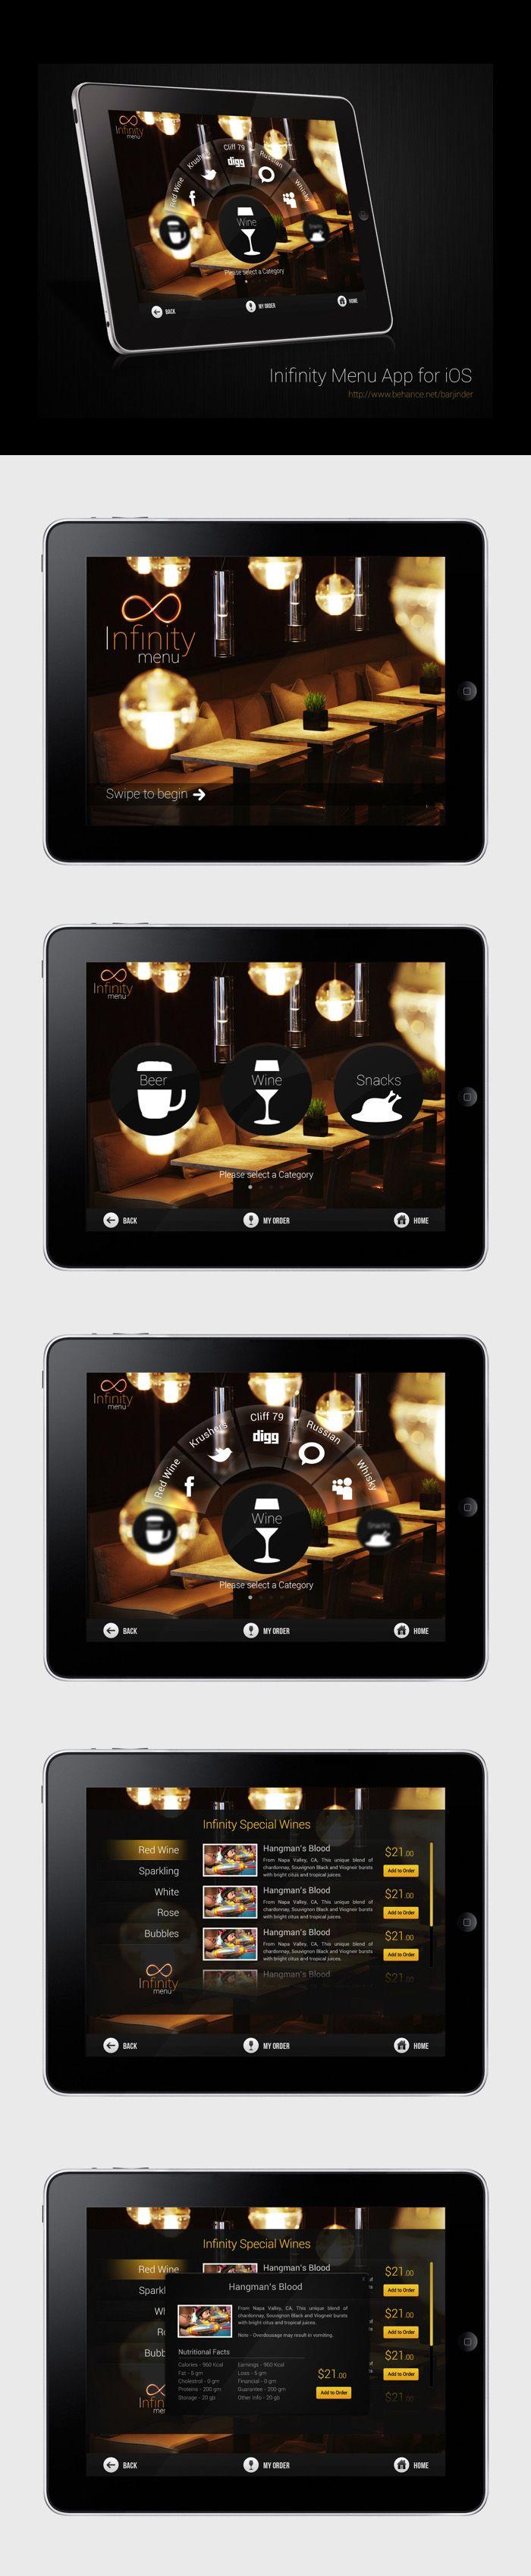 Infinity menu app for ipad by barjinder singh via behance